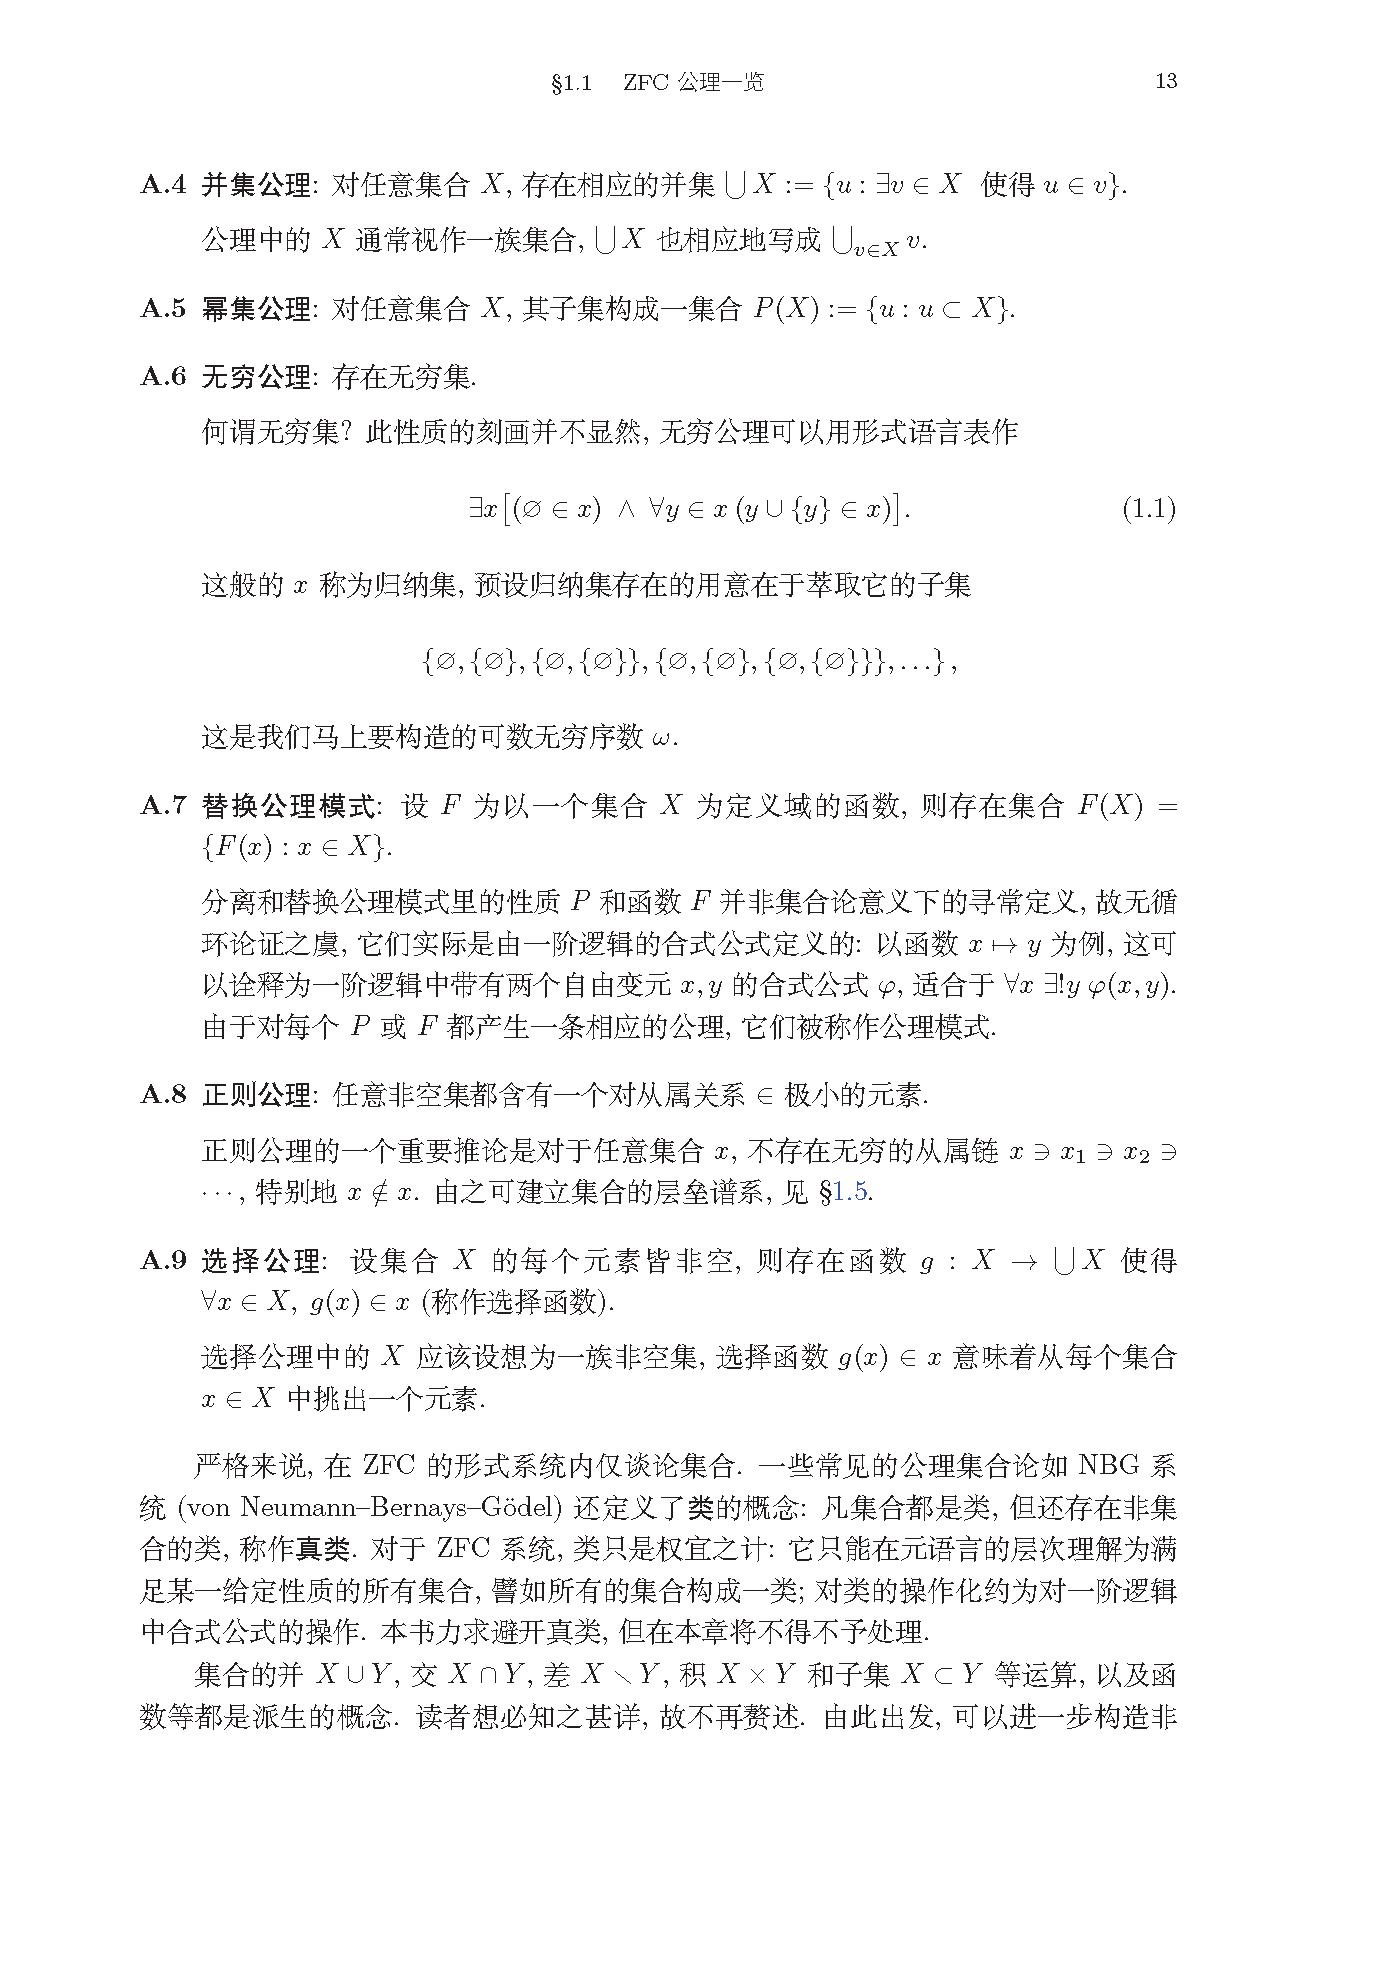 李文威老师 LaTeX 排版《代数学方法 卷一:基础架构》 - 高等教育出版社出版(含源码)